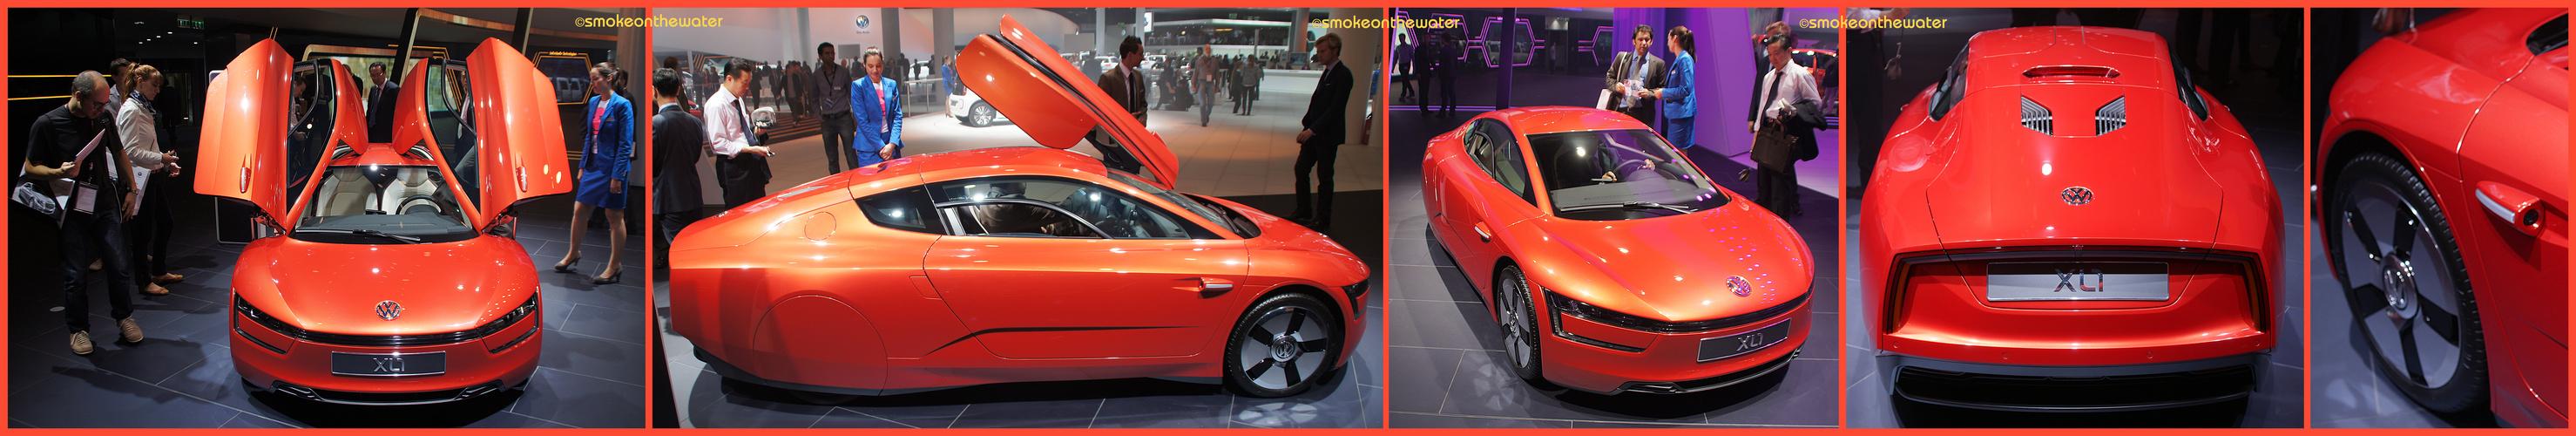 Das 1-Liter-Auto VW XL1 ist in Serie gegangen